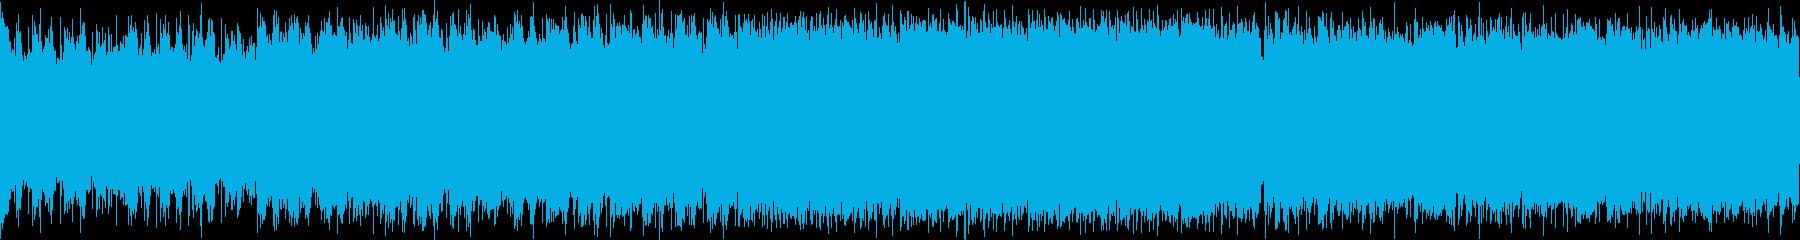 メタル ループ 戦闘曲の再生済みの波形